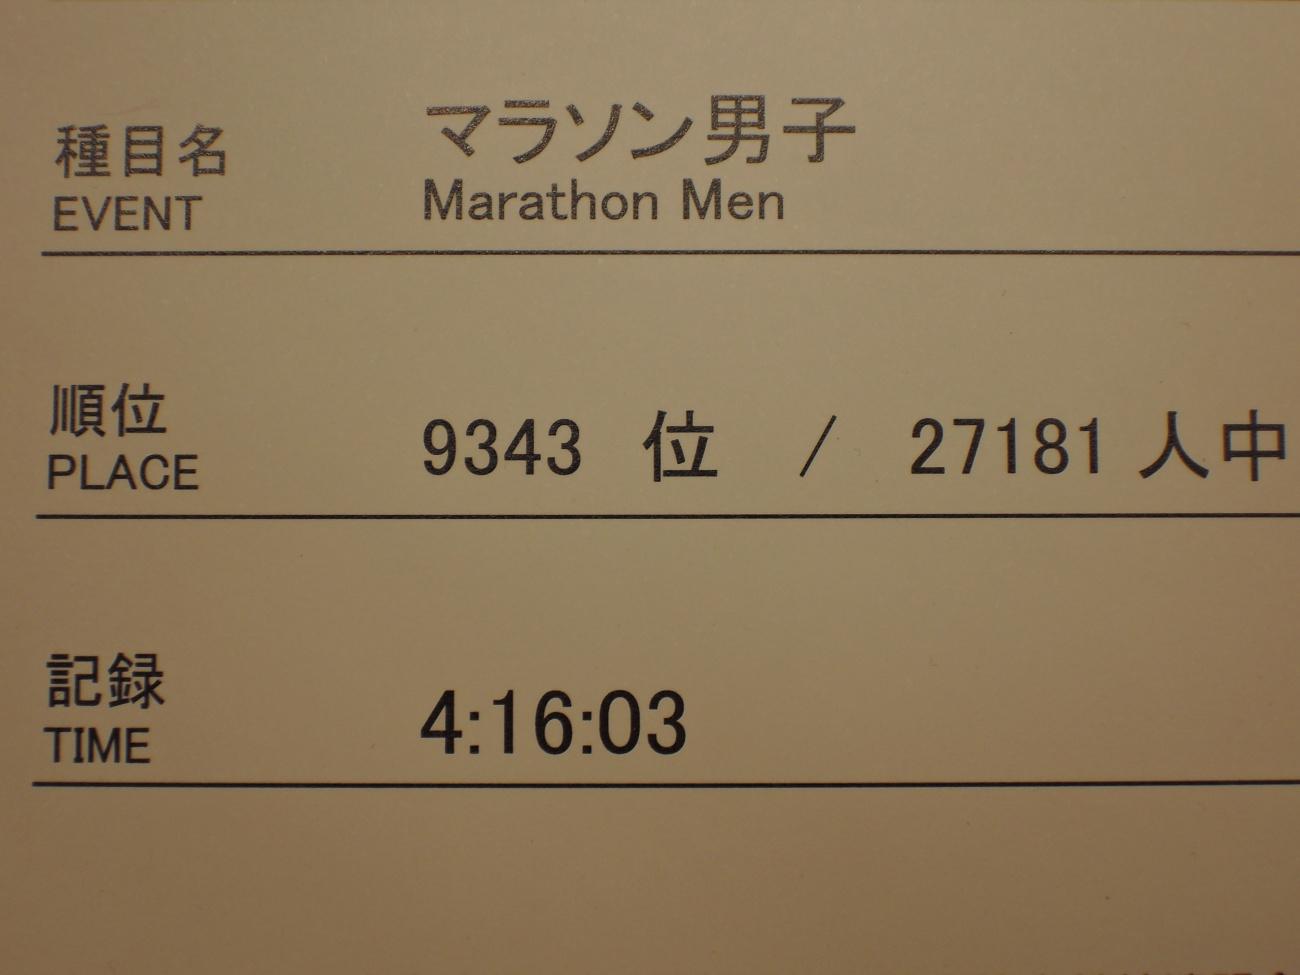 東京マラソン2014順位